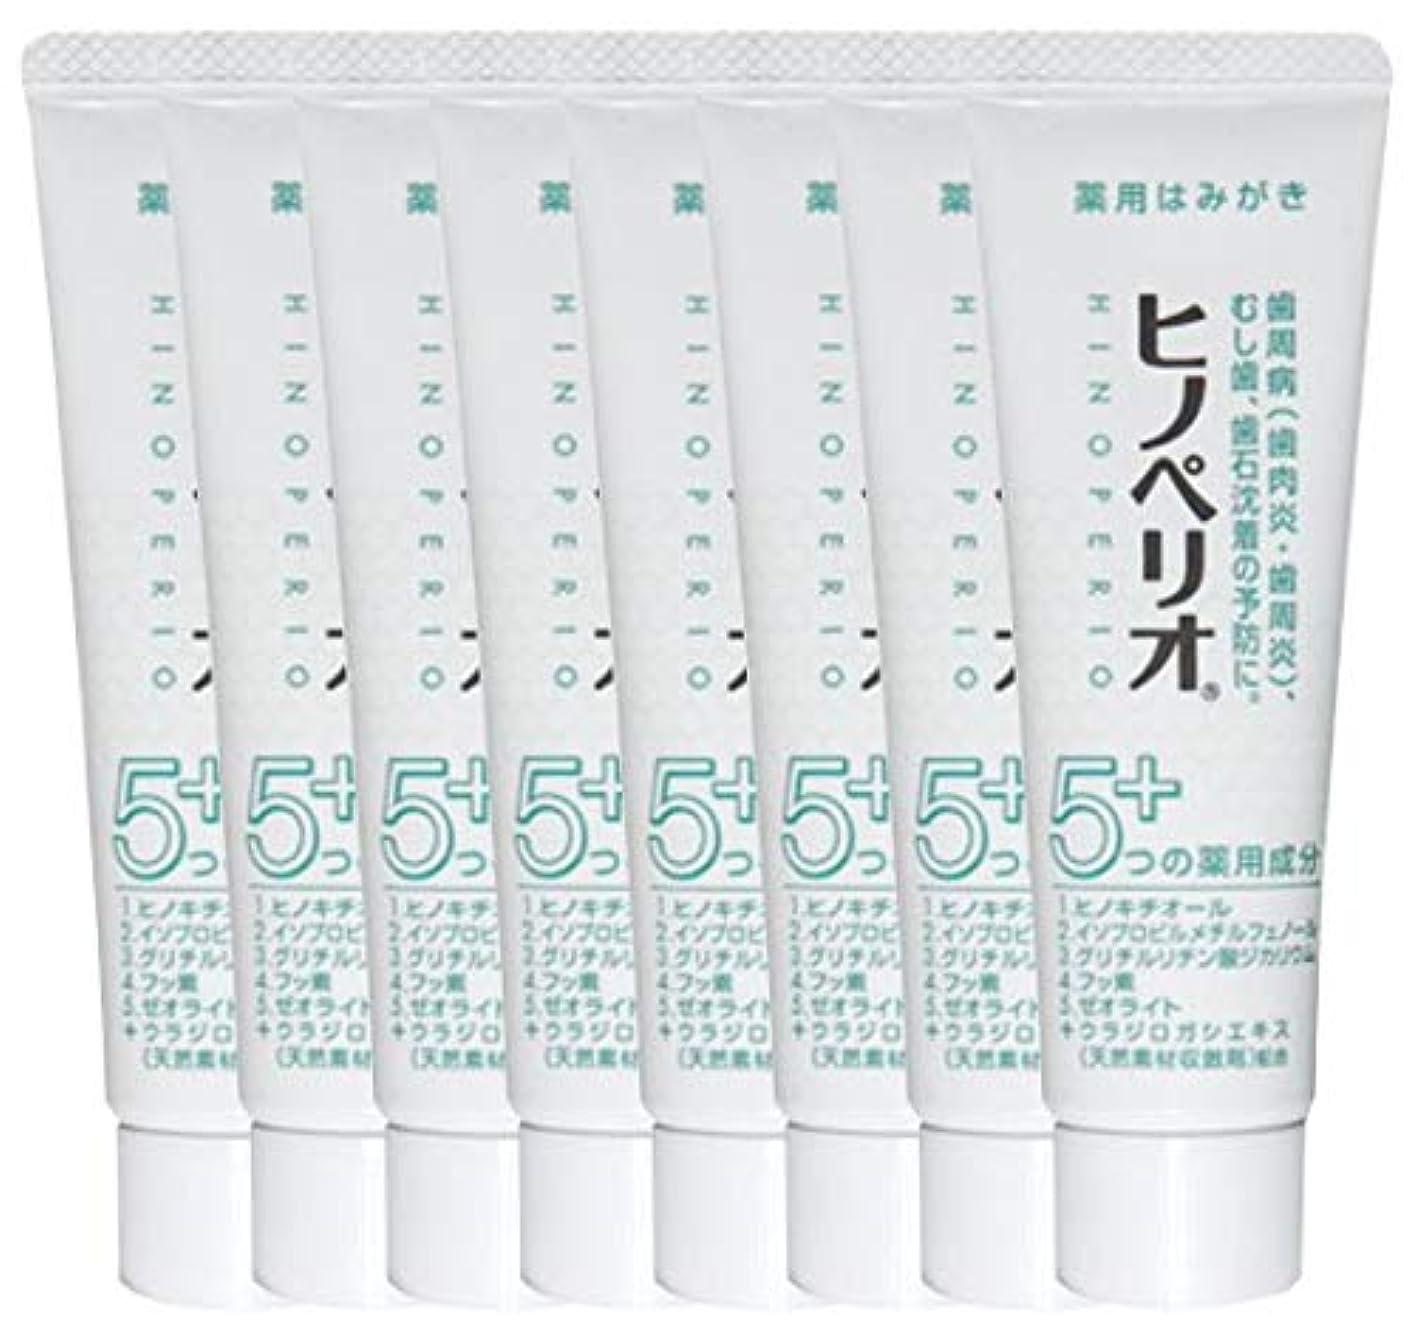 まぶしさ共感するハプニング昭和薬品 ヒノペリオ60g 医薬部外品 × 8本